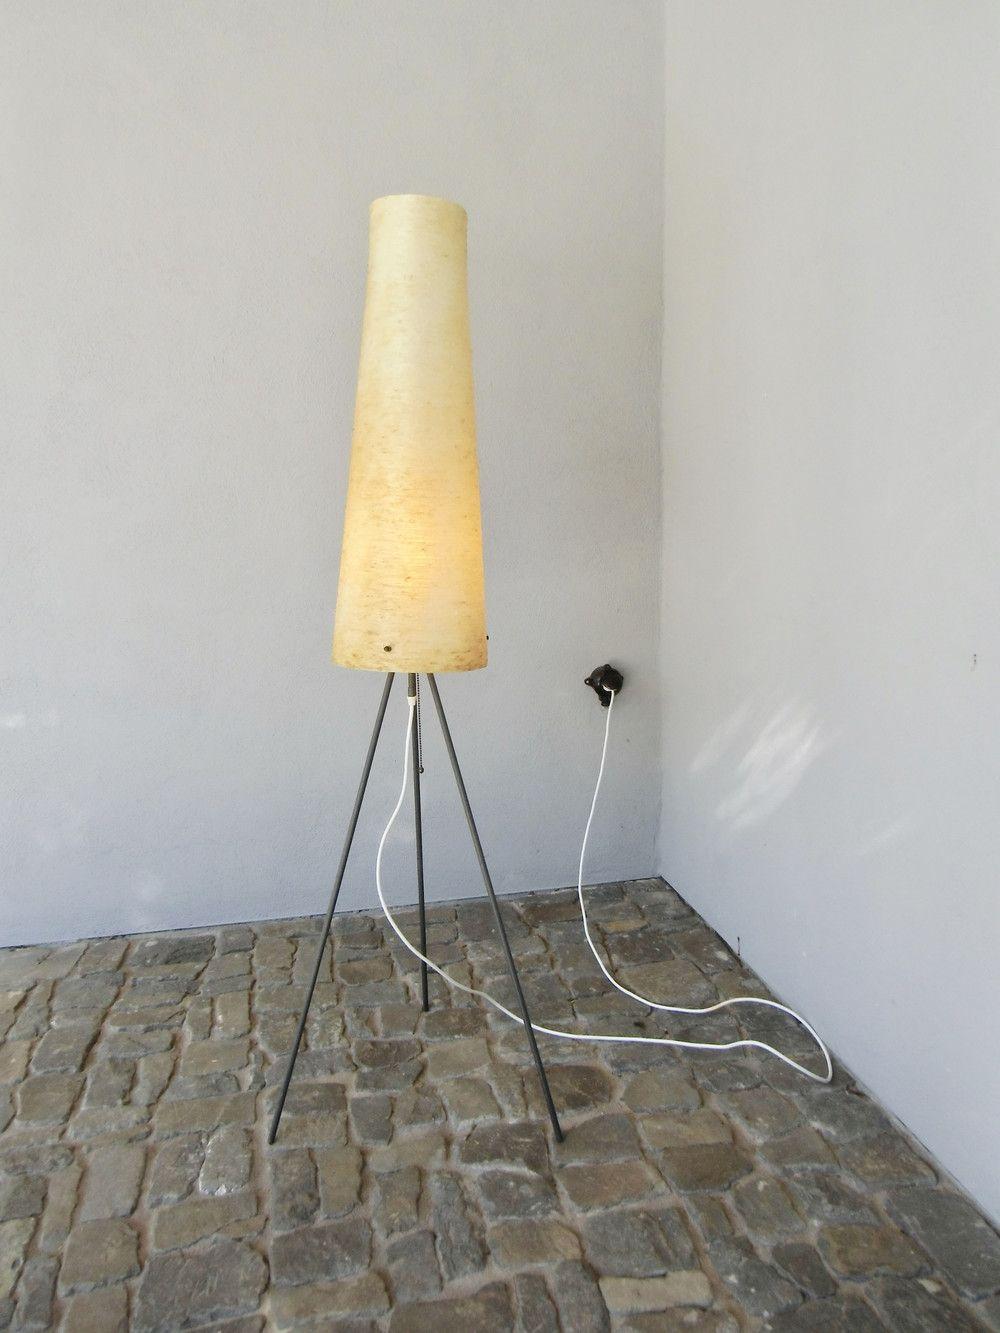 Vintage Stehlampen Tripod Stehlampe 50er Jahre Mid Century Ein